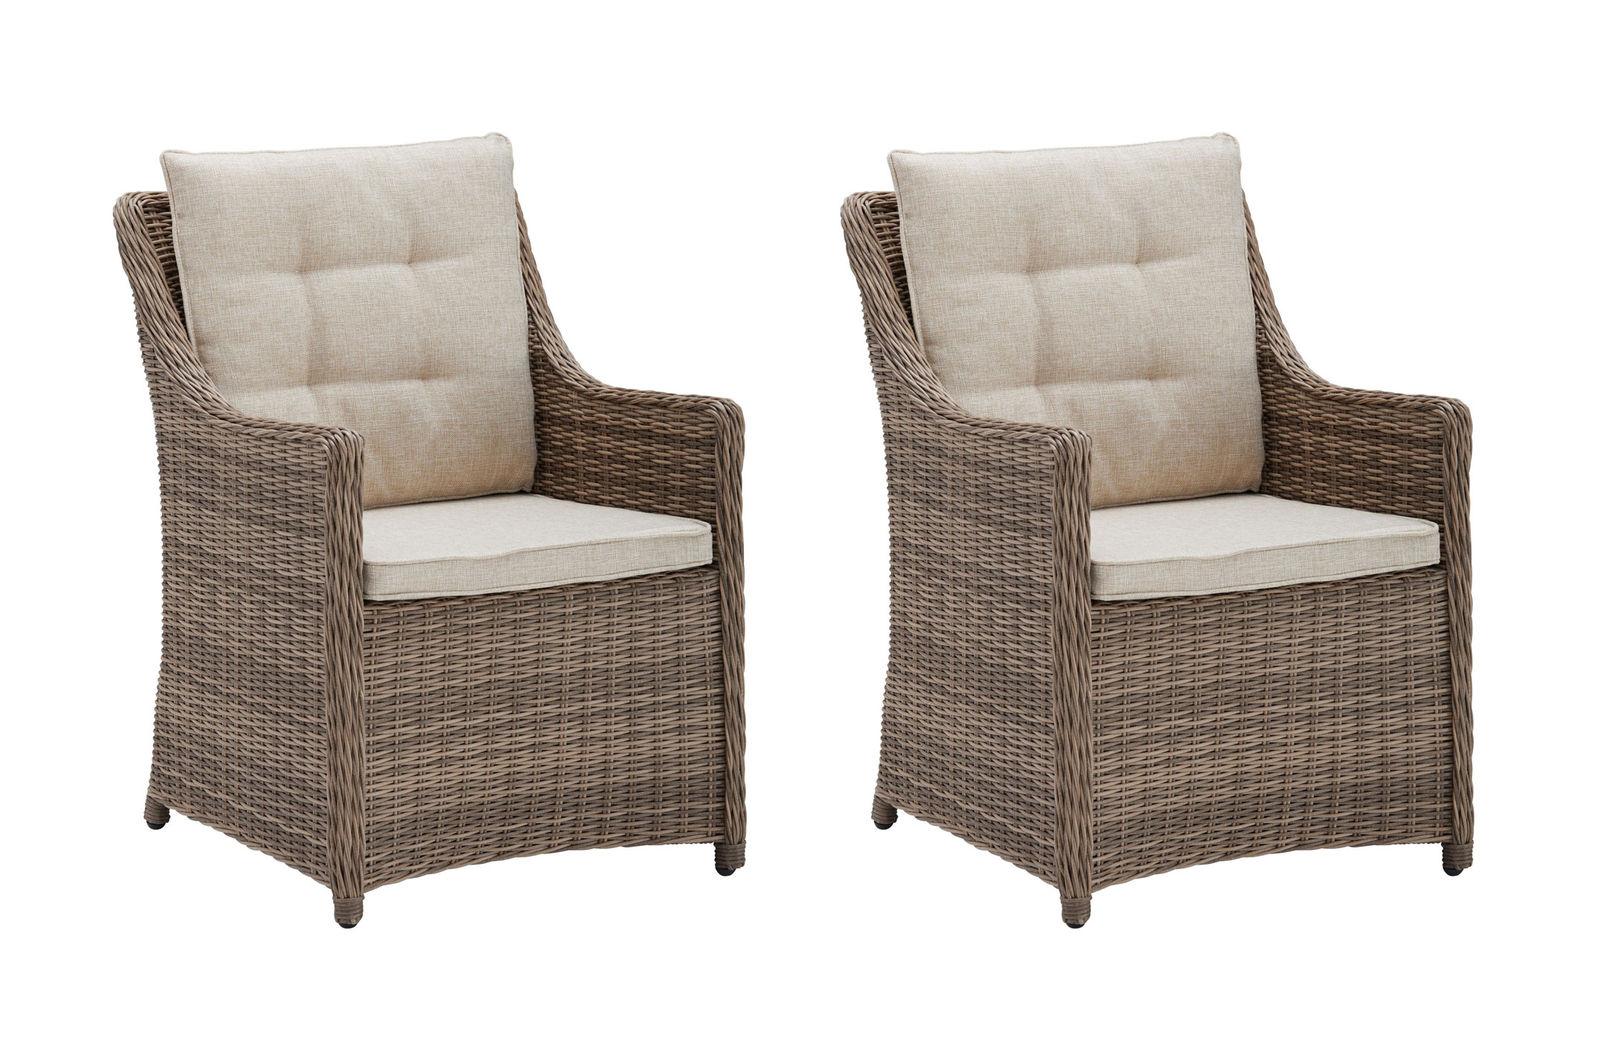 2 Gartensessel Gartenstühle Esstischstühle Polyrattan Sessel Stühle Rio  7150618